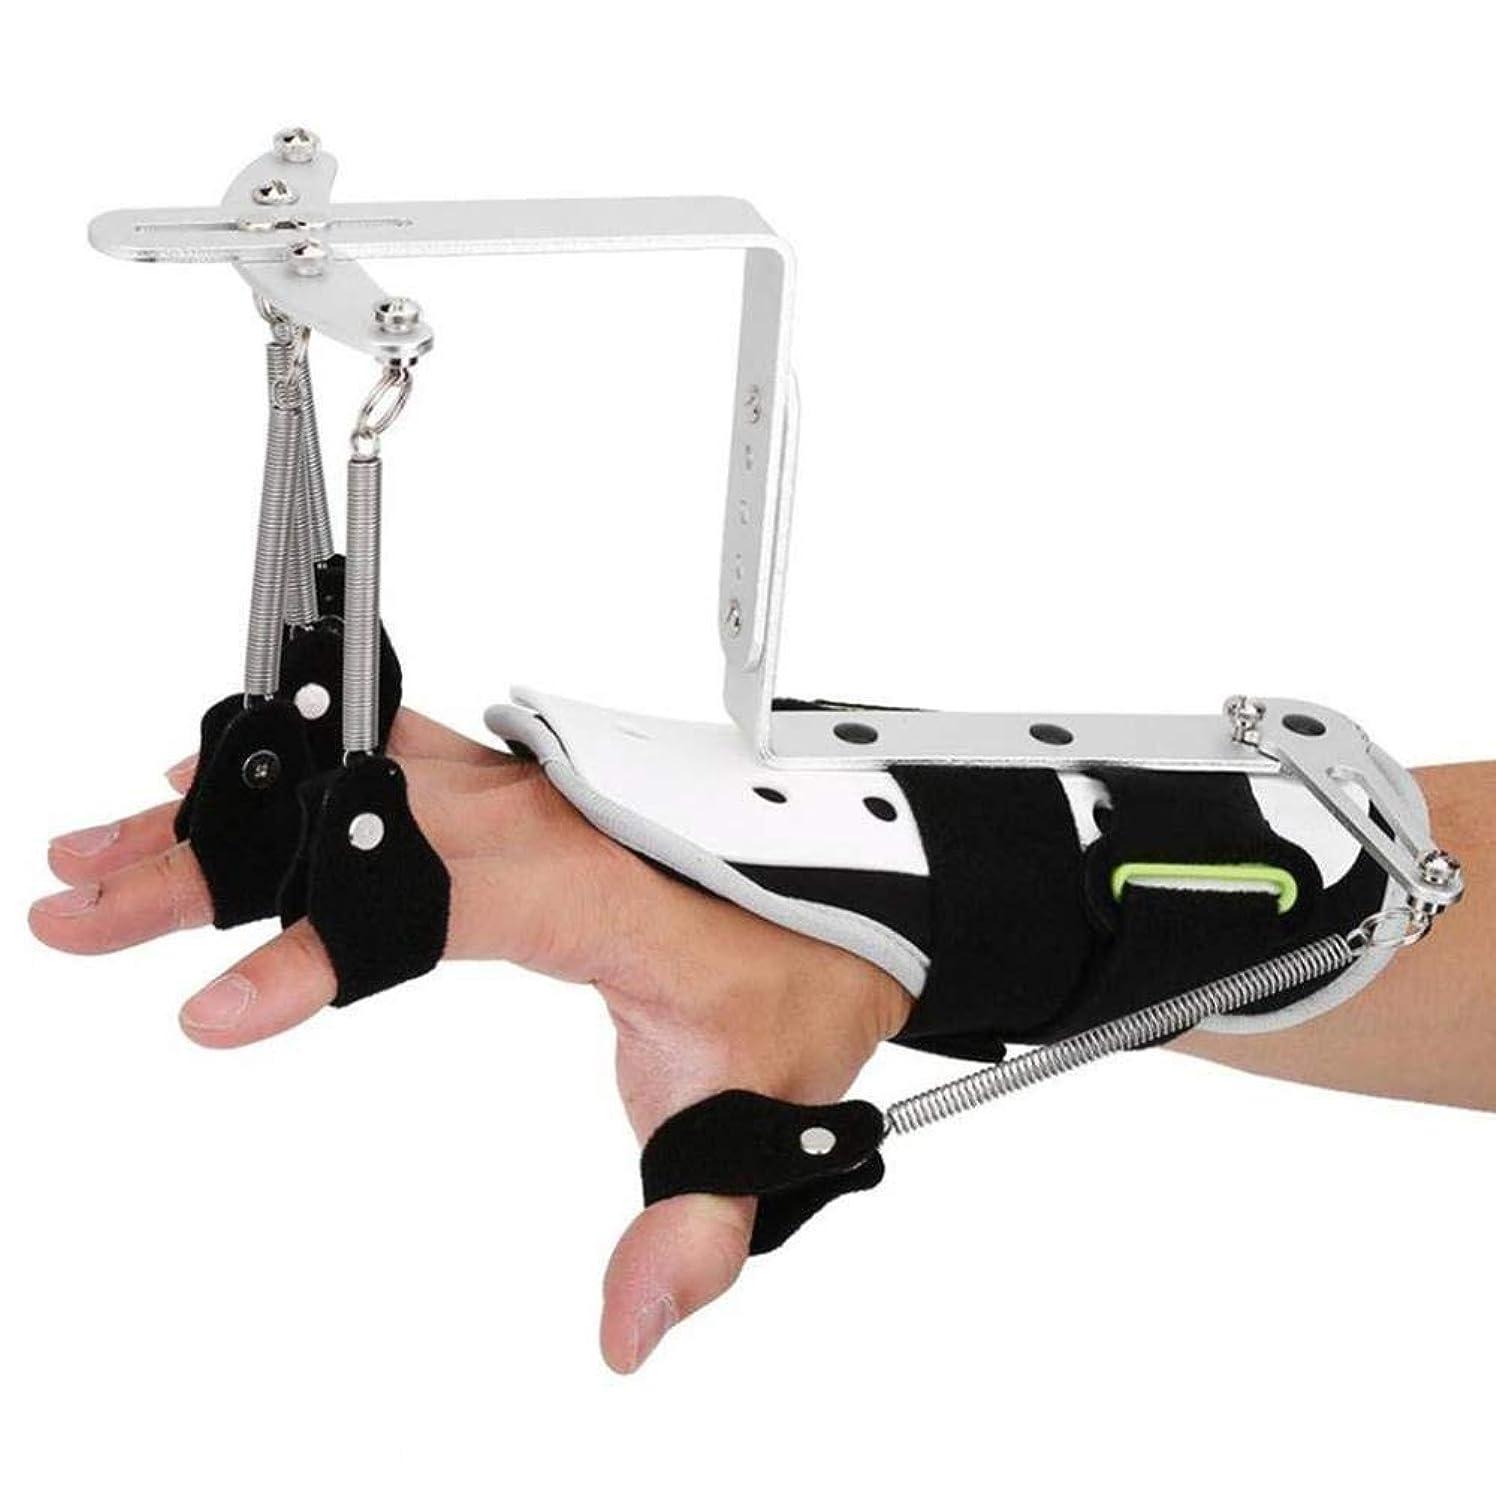 実り多い修士号子音脳卒中片麻痺患者のための指損傷サポート、指手首関節矯正トレーニングサポート